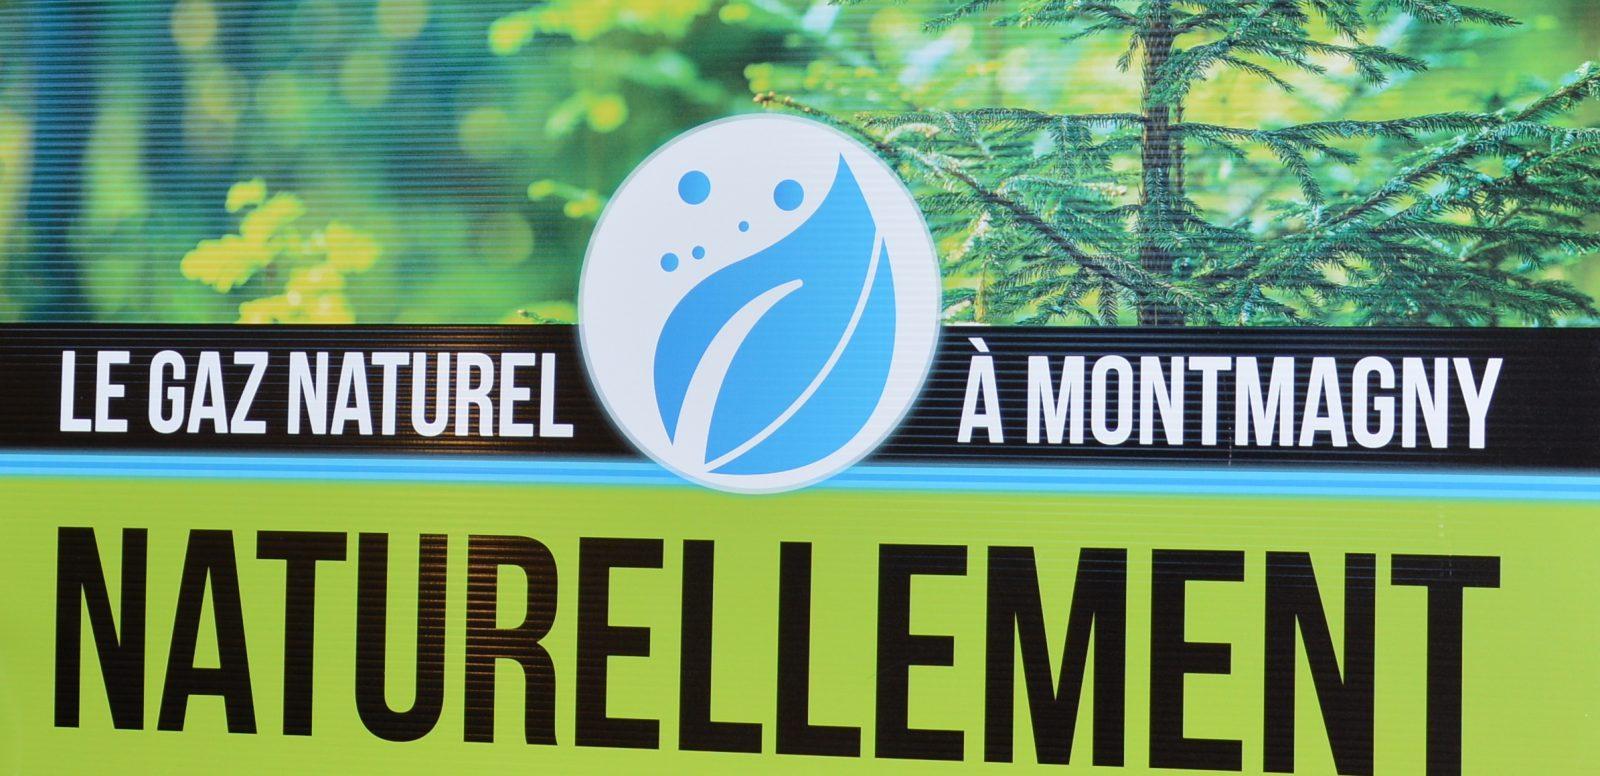 47,6 M$ pour le gaz naturel dans la région de Montmagny